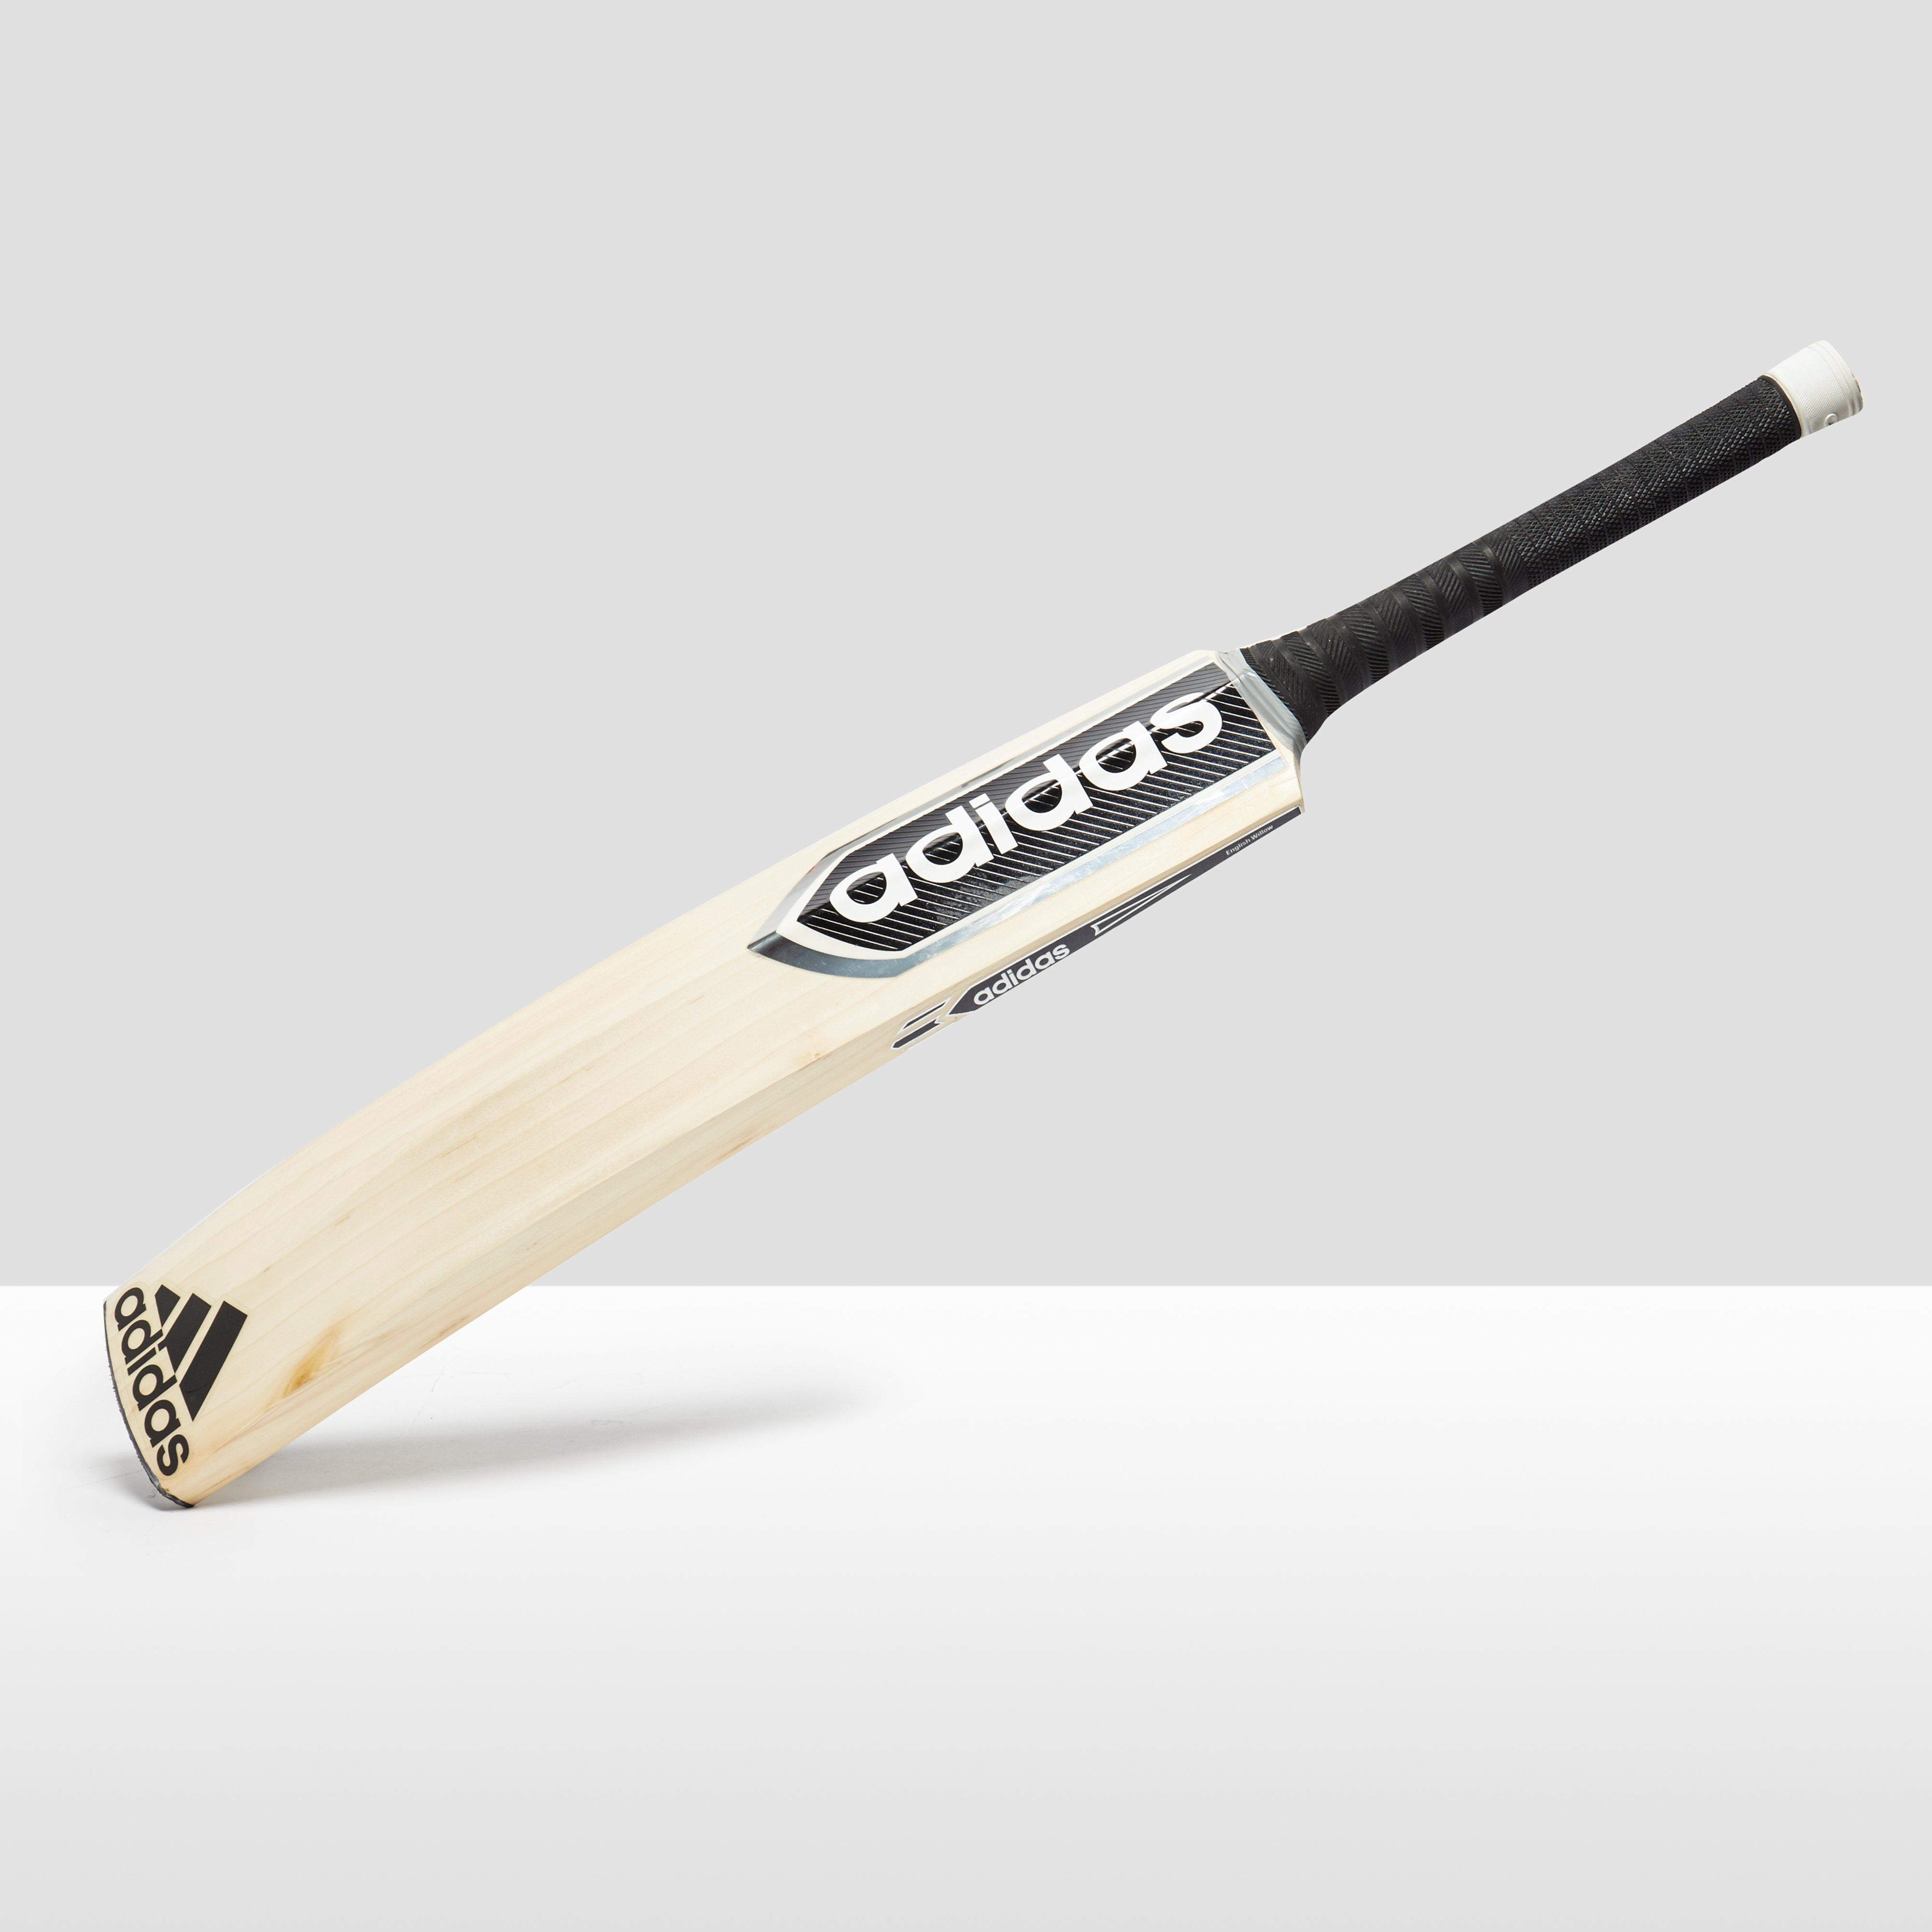 adidas Xt Black 4.0 Cricket Bat